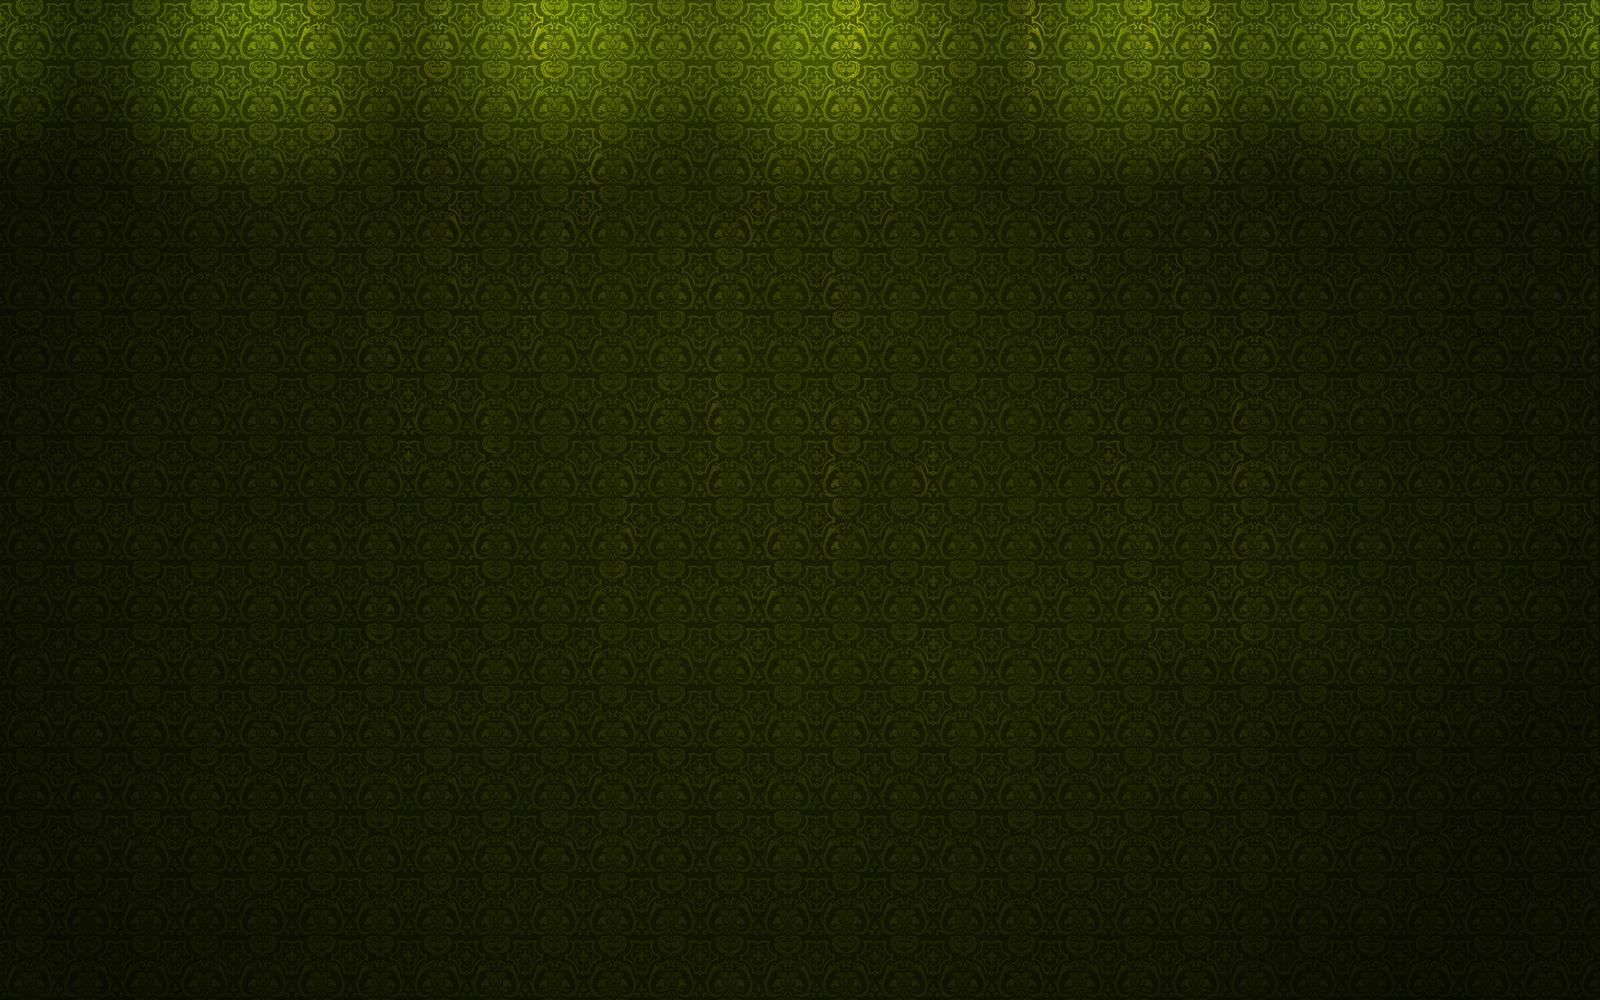 Banilung dark green wallpaper 1600x1000